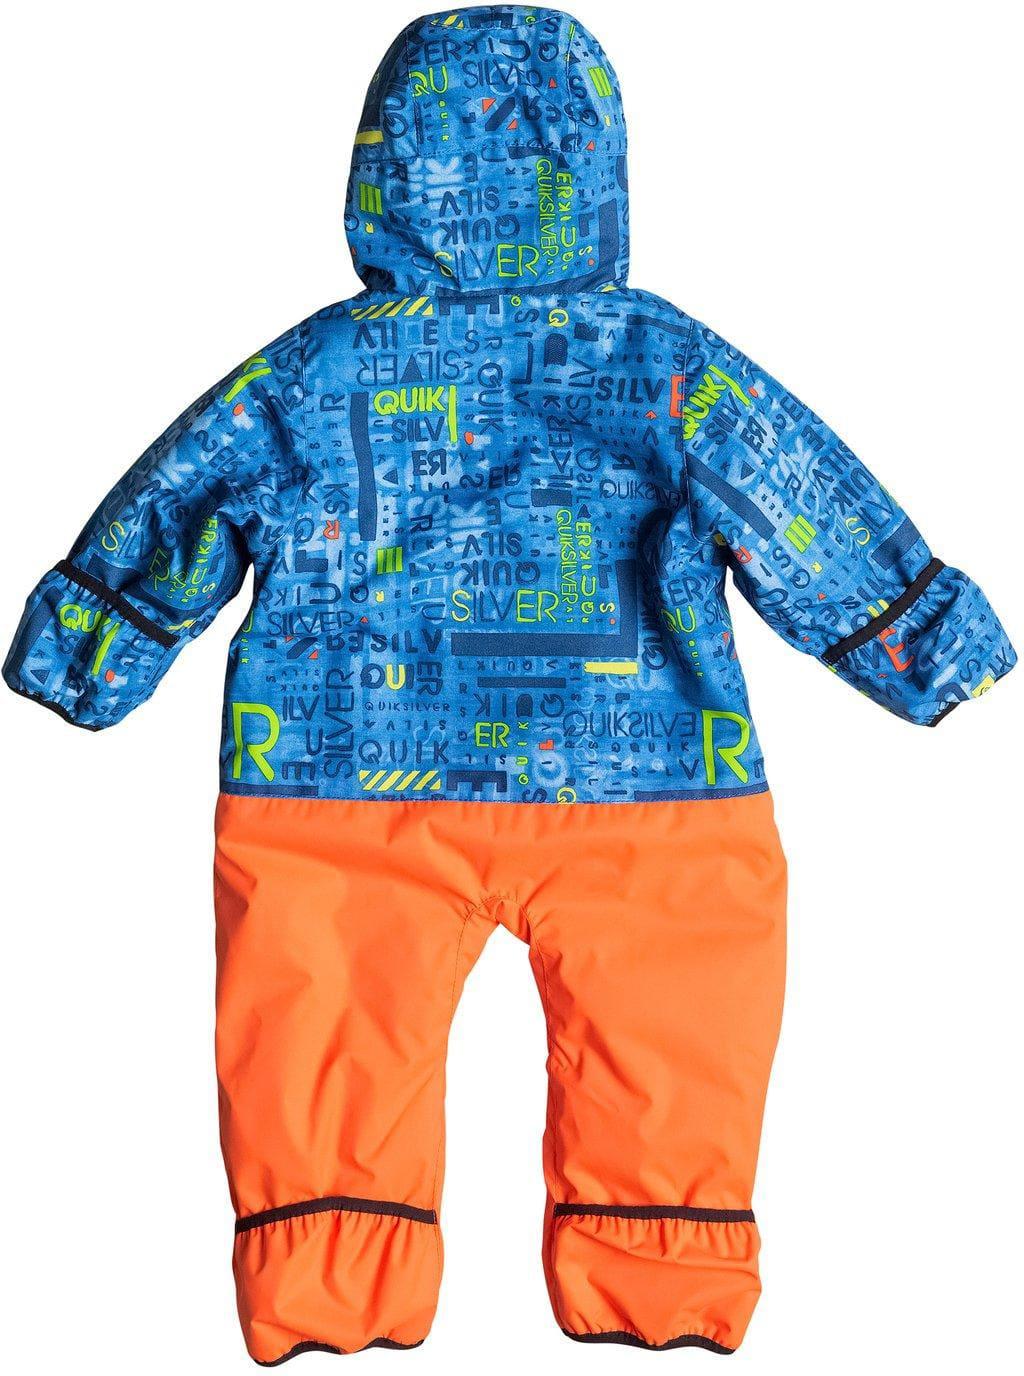 a387b7d811e7 Quiksilver Little Rookie Baby Snowsuit - Kids